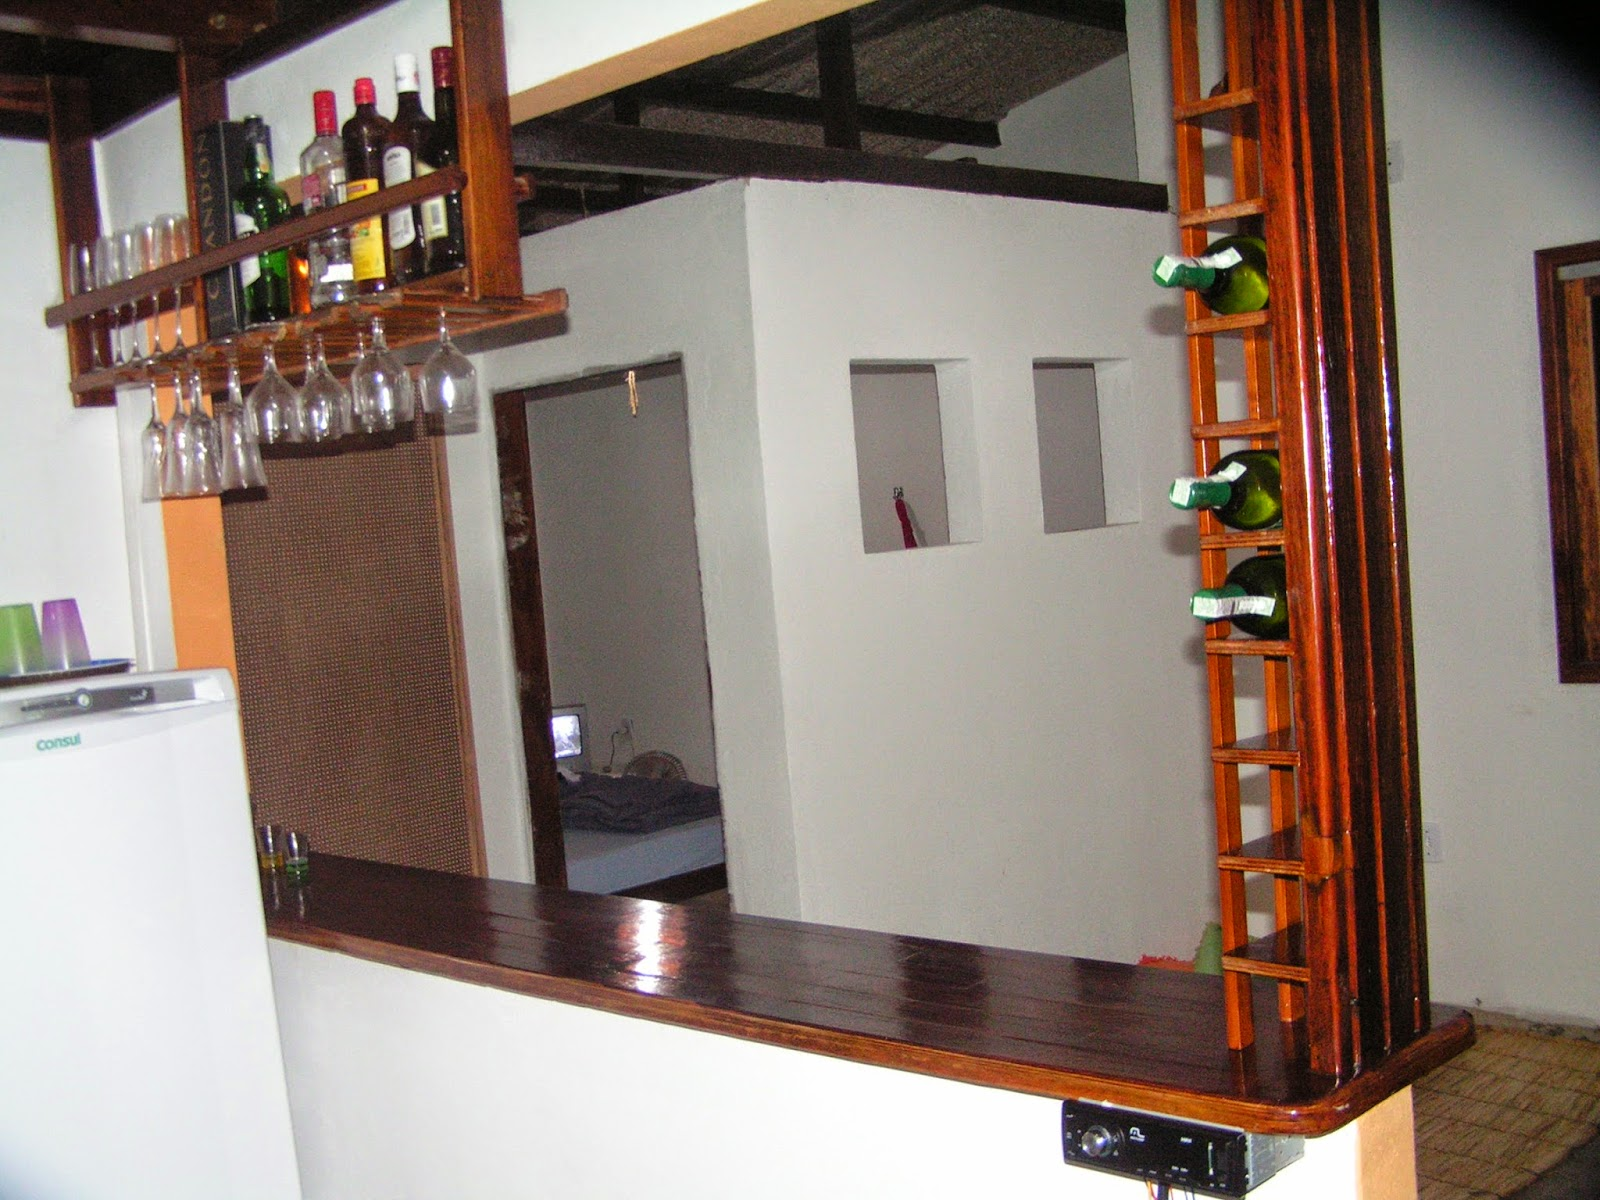 #BA4211  de demoliçã0 com capacidade de 11 litros de vinho e 12 litros de 1600x1200 px Projetos De Cozinhas De Bares #503 imagens